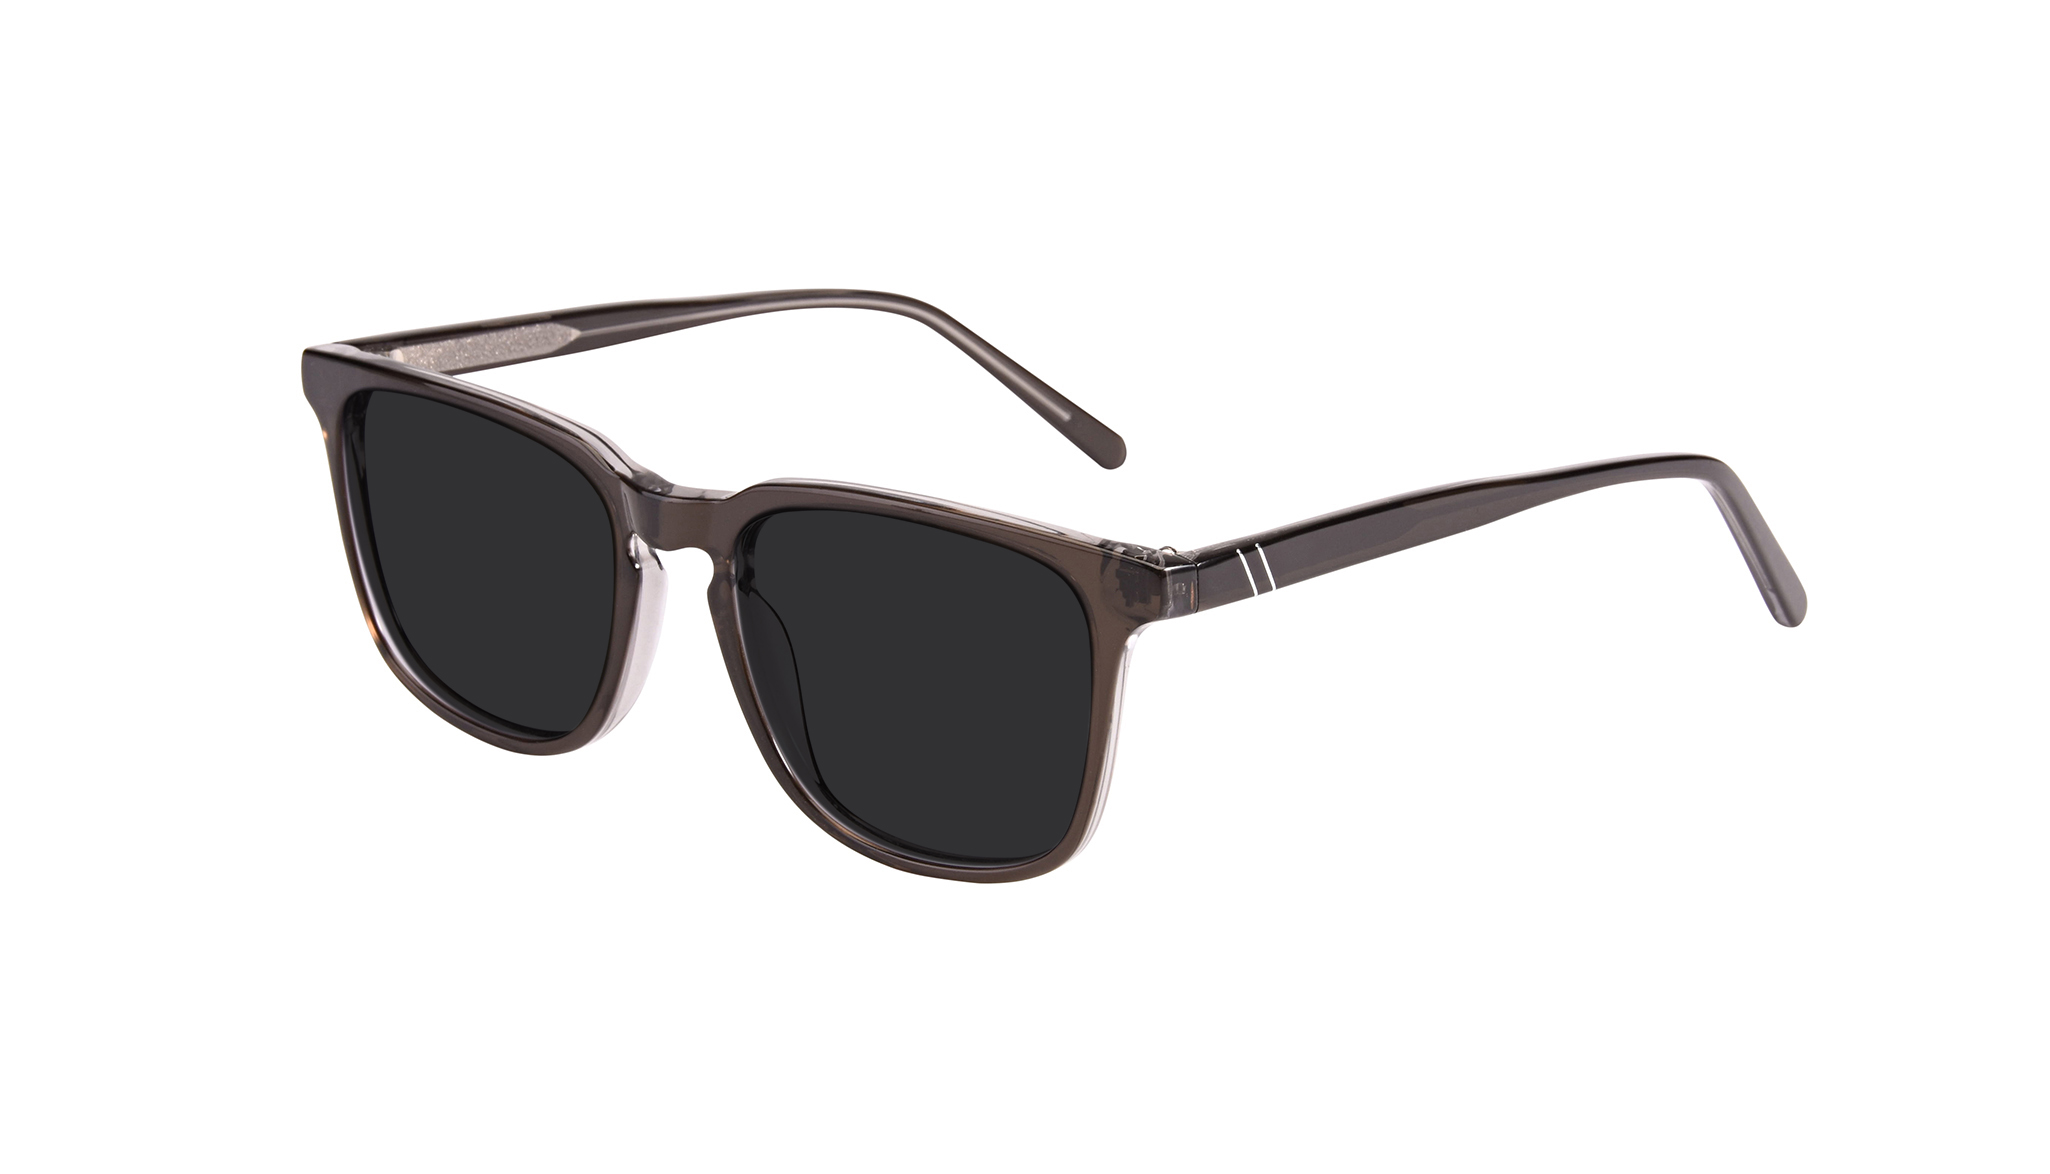 d2a24d8983 Affordable fashion glasses rectangle square sunglasses men peak black ice  tilt jpg 1600x707 Square sunglasses for